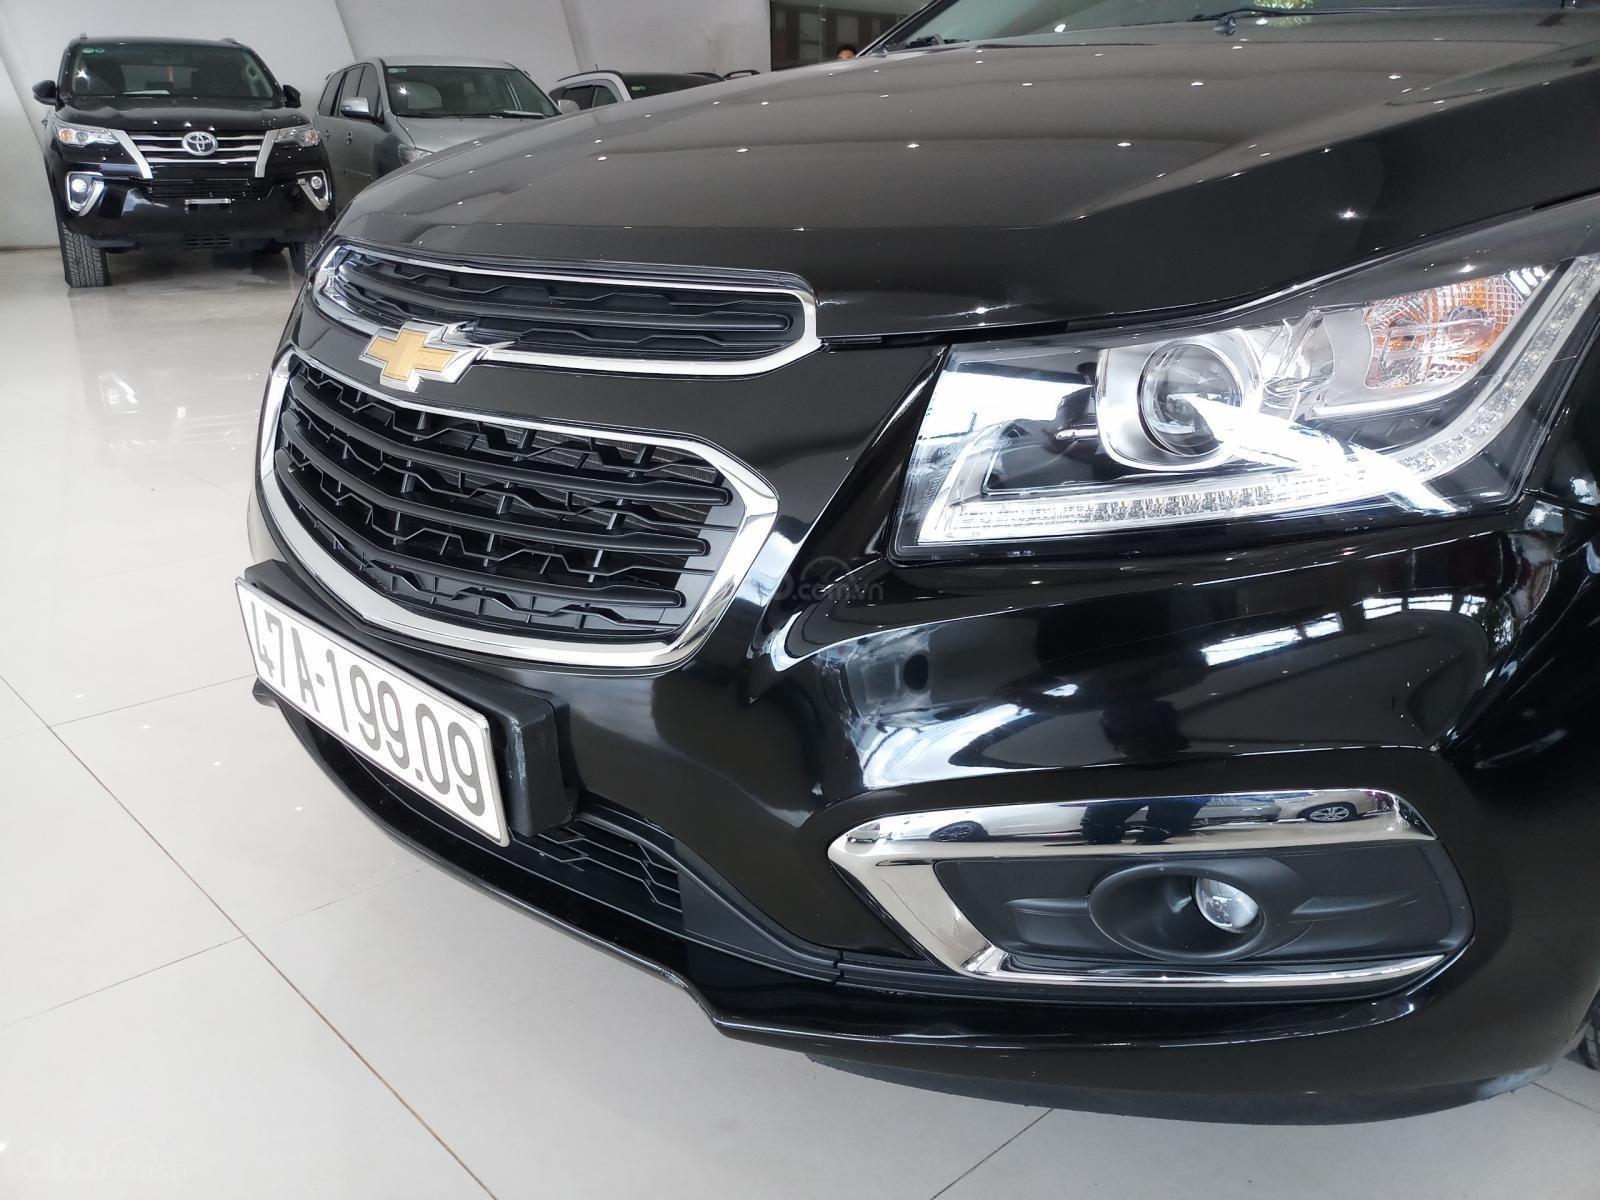 Bán Chevrolet Cruze LTZ 1.8L đời 2017, màu đen, 490tr TL (6)